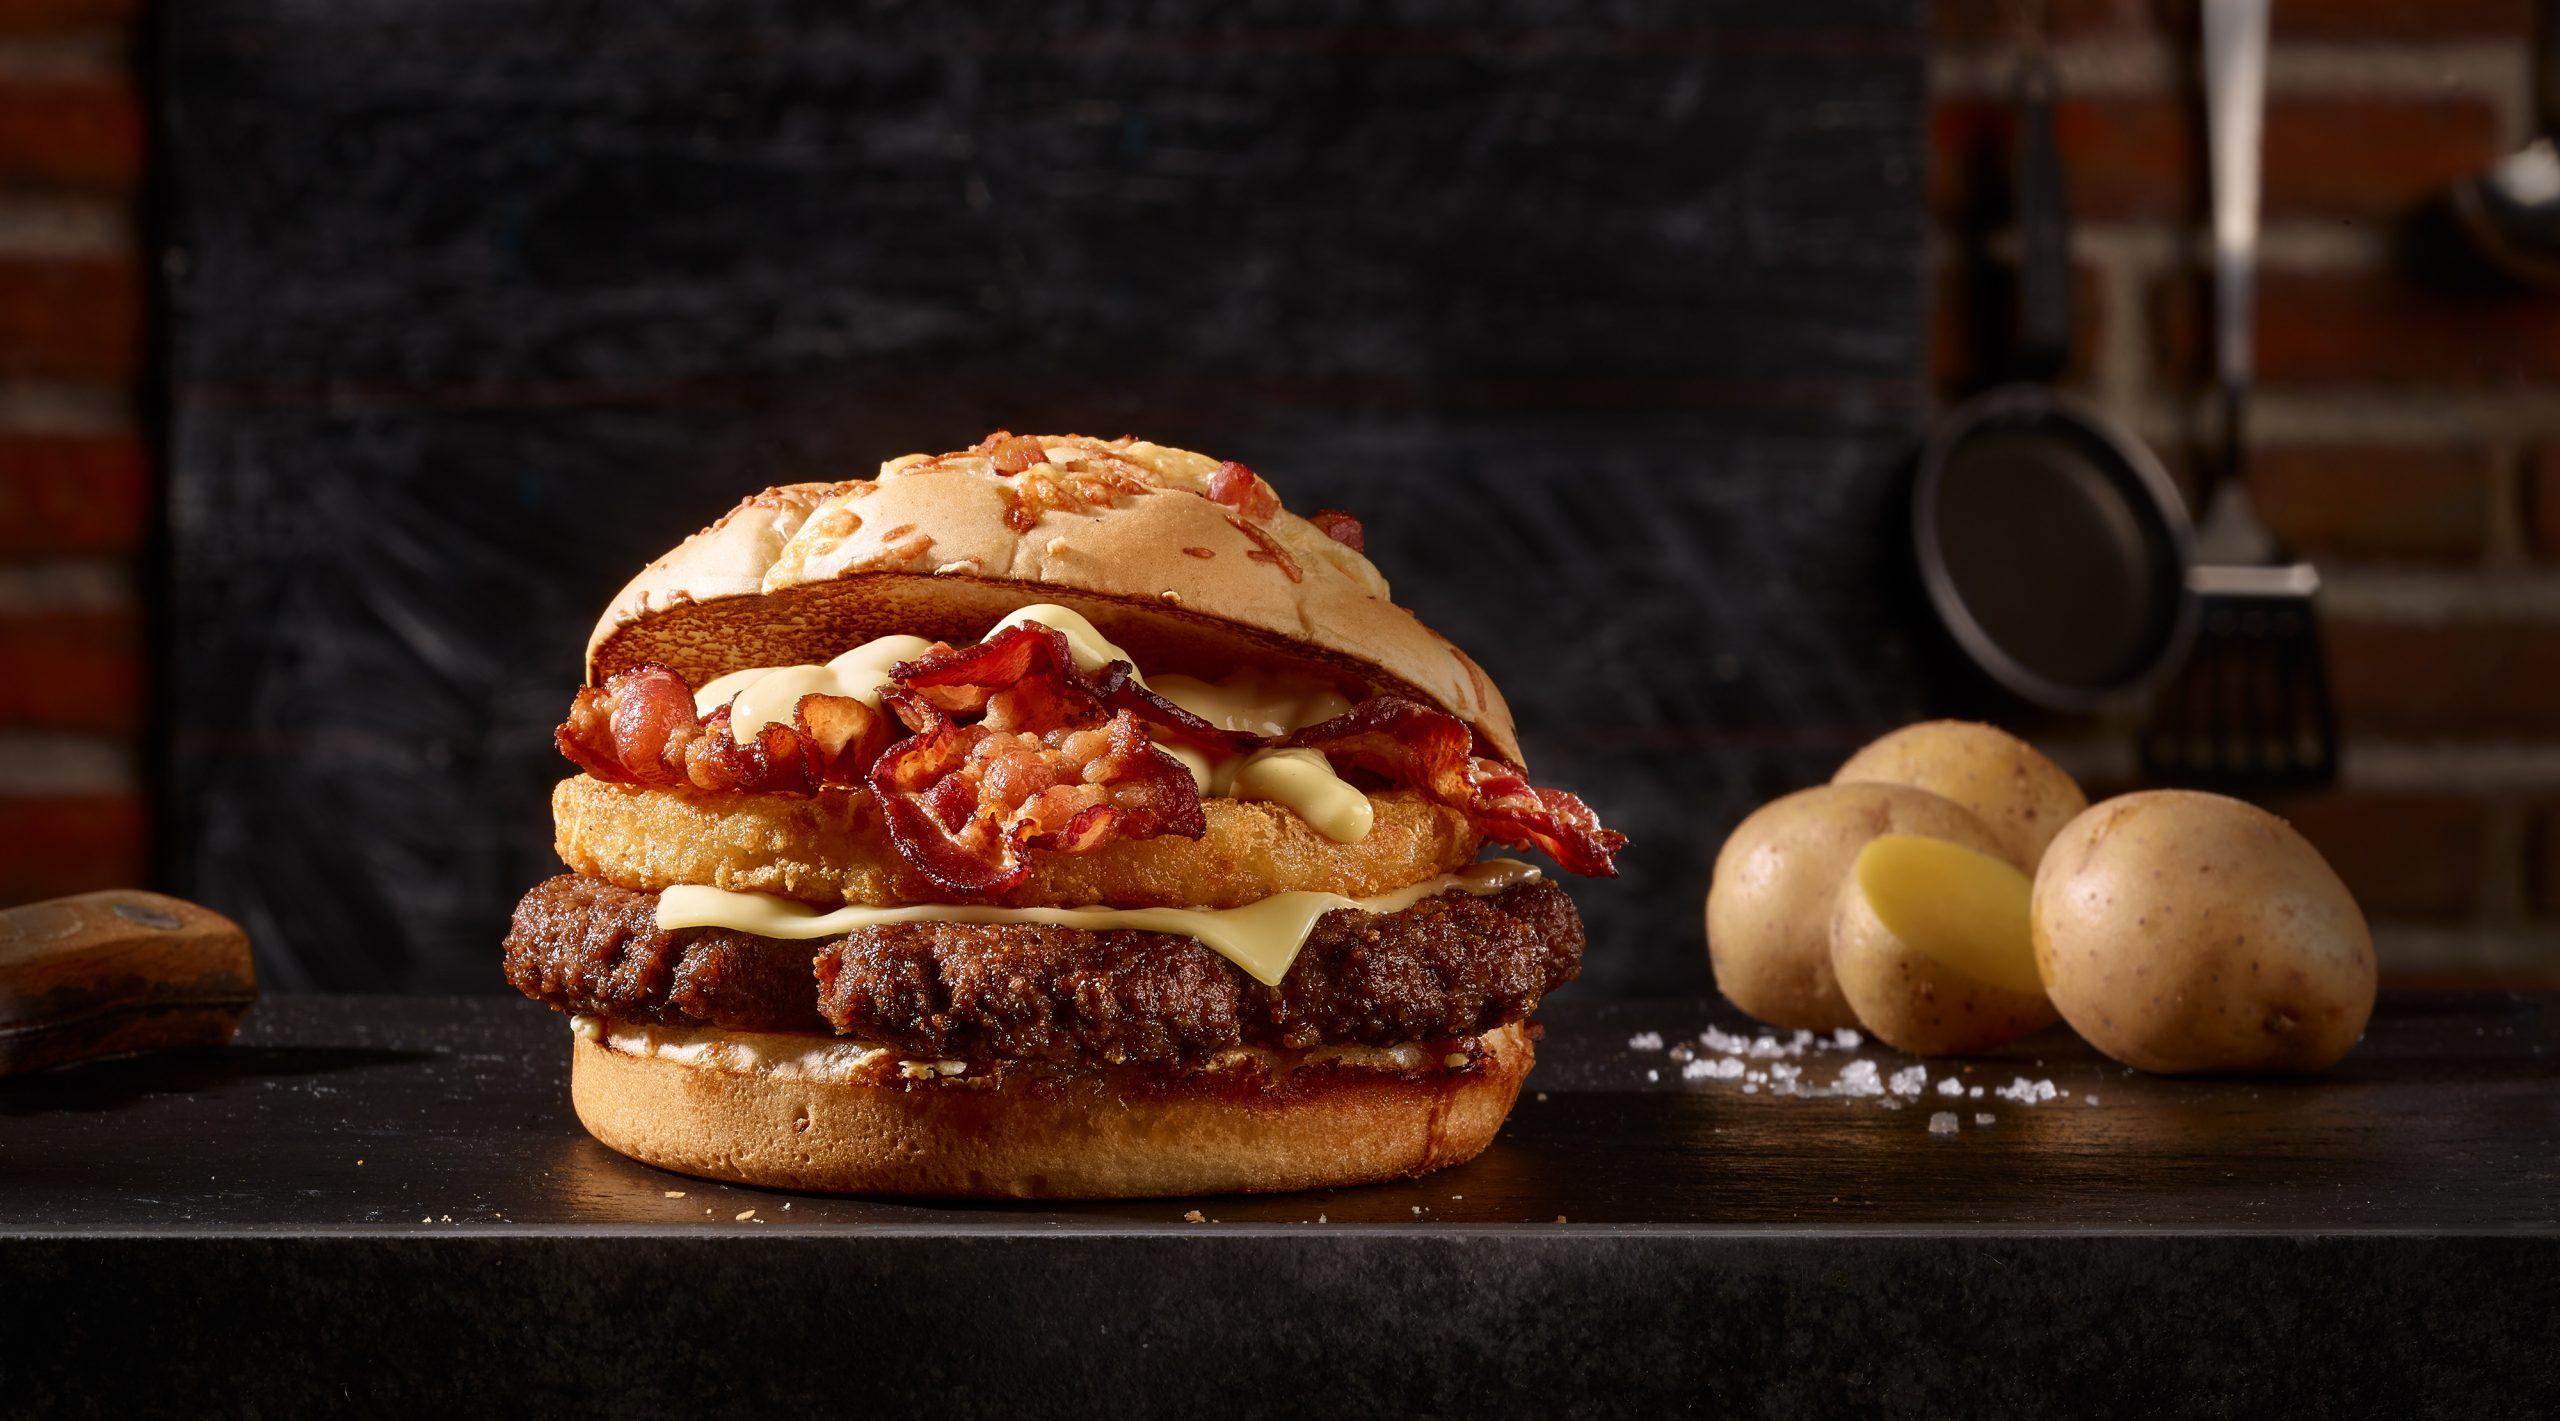 Das Foodstyling für die Foodfotografie ist wichtig, hier sehen wir einen Big Rösti Bacon. Er hat ein Fleischpatty, Käse, Ein Röstipatty , Speck und Sosse drauf.